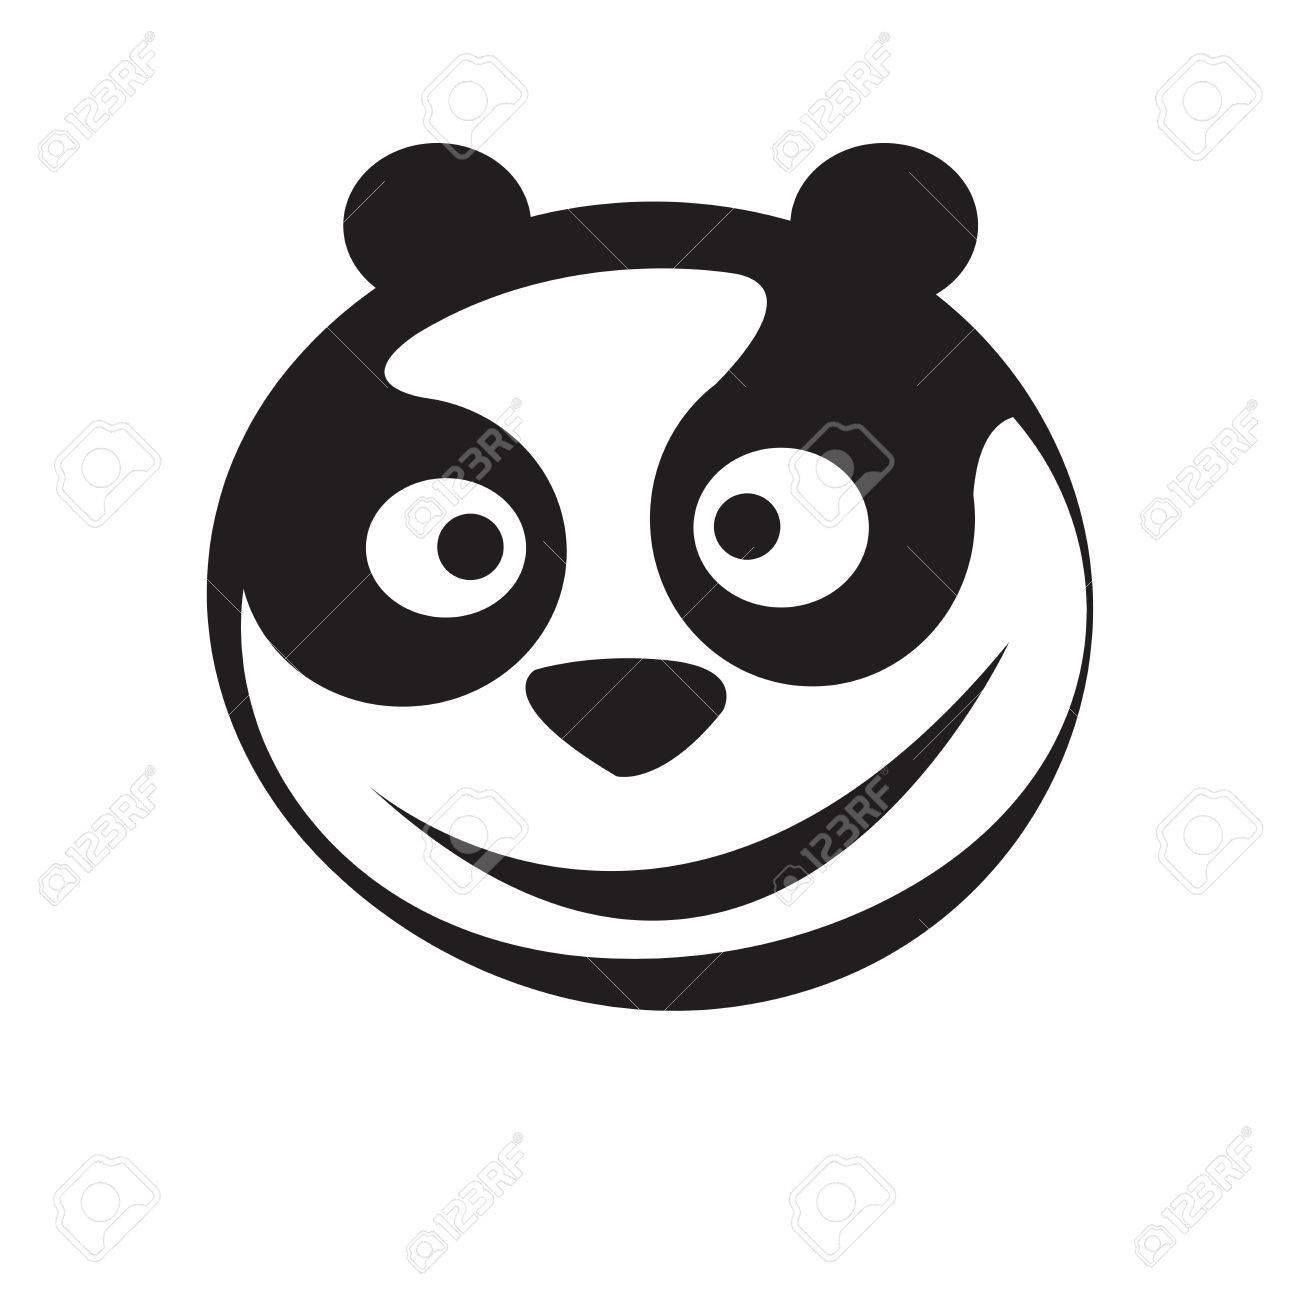 1300x1300 Panda Bear Design Royalty Free Cliparts, Vectors, And Stock